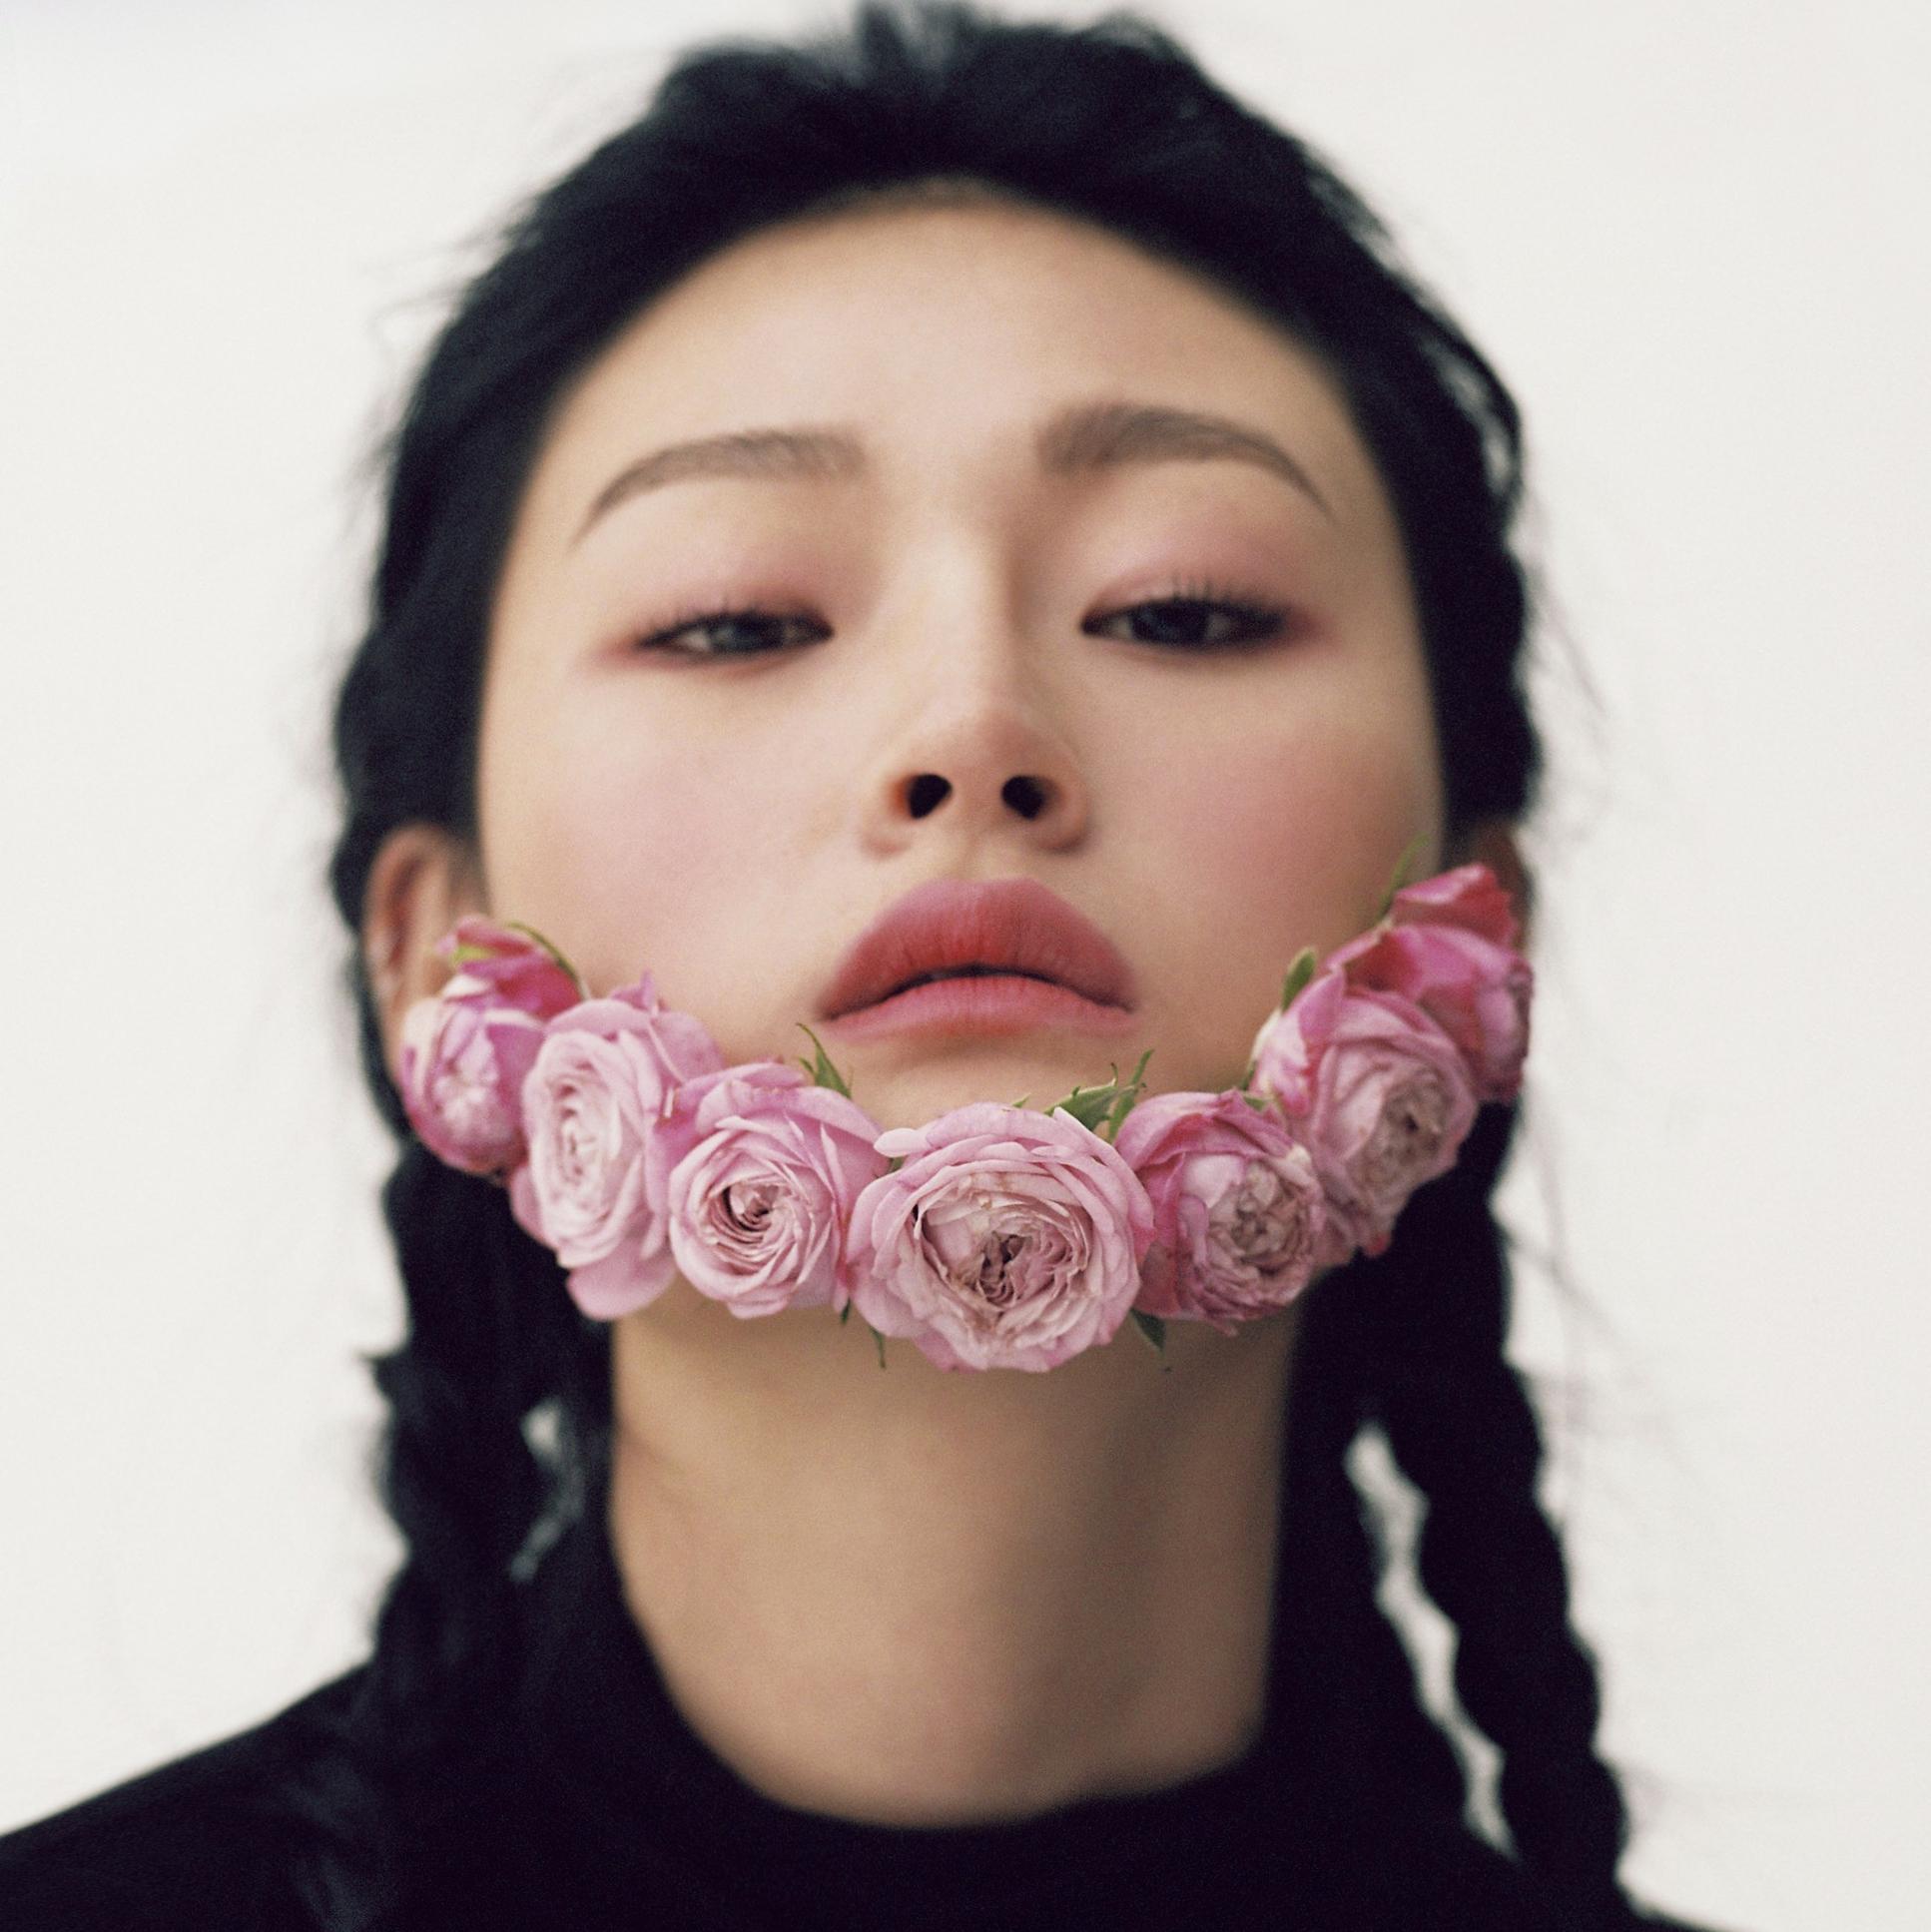 makeup @makeupjin_  model @s2eohee